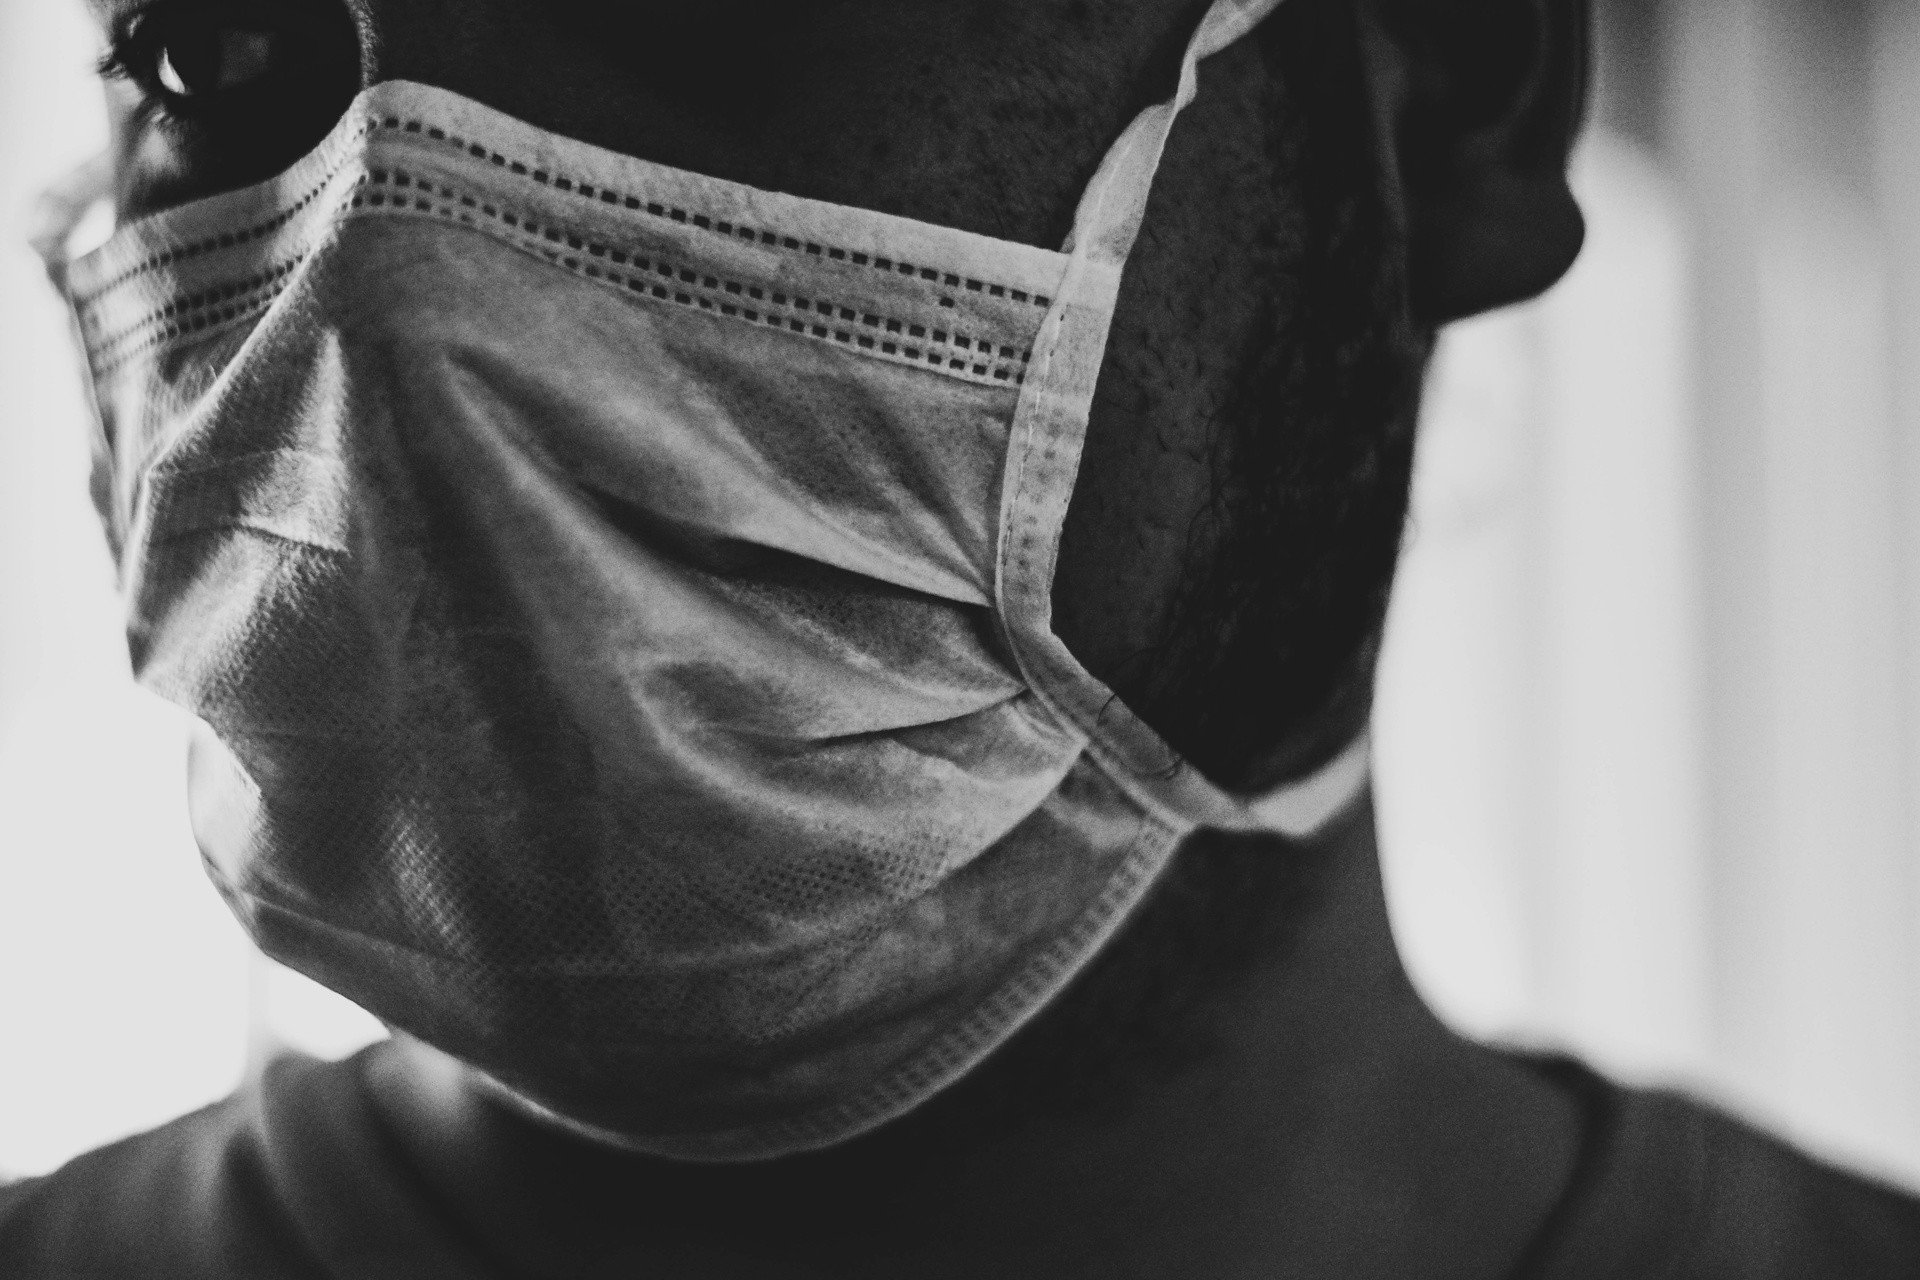 Maseczki ochronne - jak prać maseczki wielorazowe? Gdzie wyrzucać maseczki jednorazowe? [10.04.2020] | Gazeta Pomorska